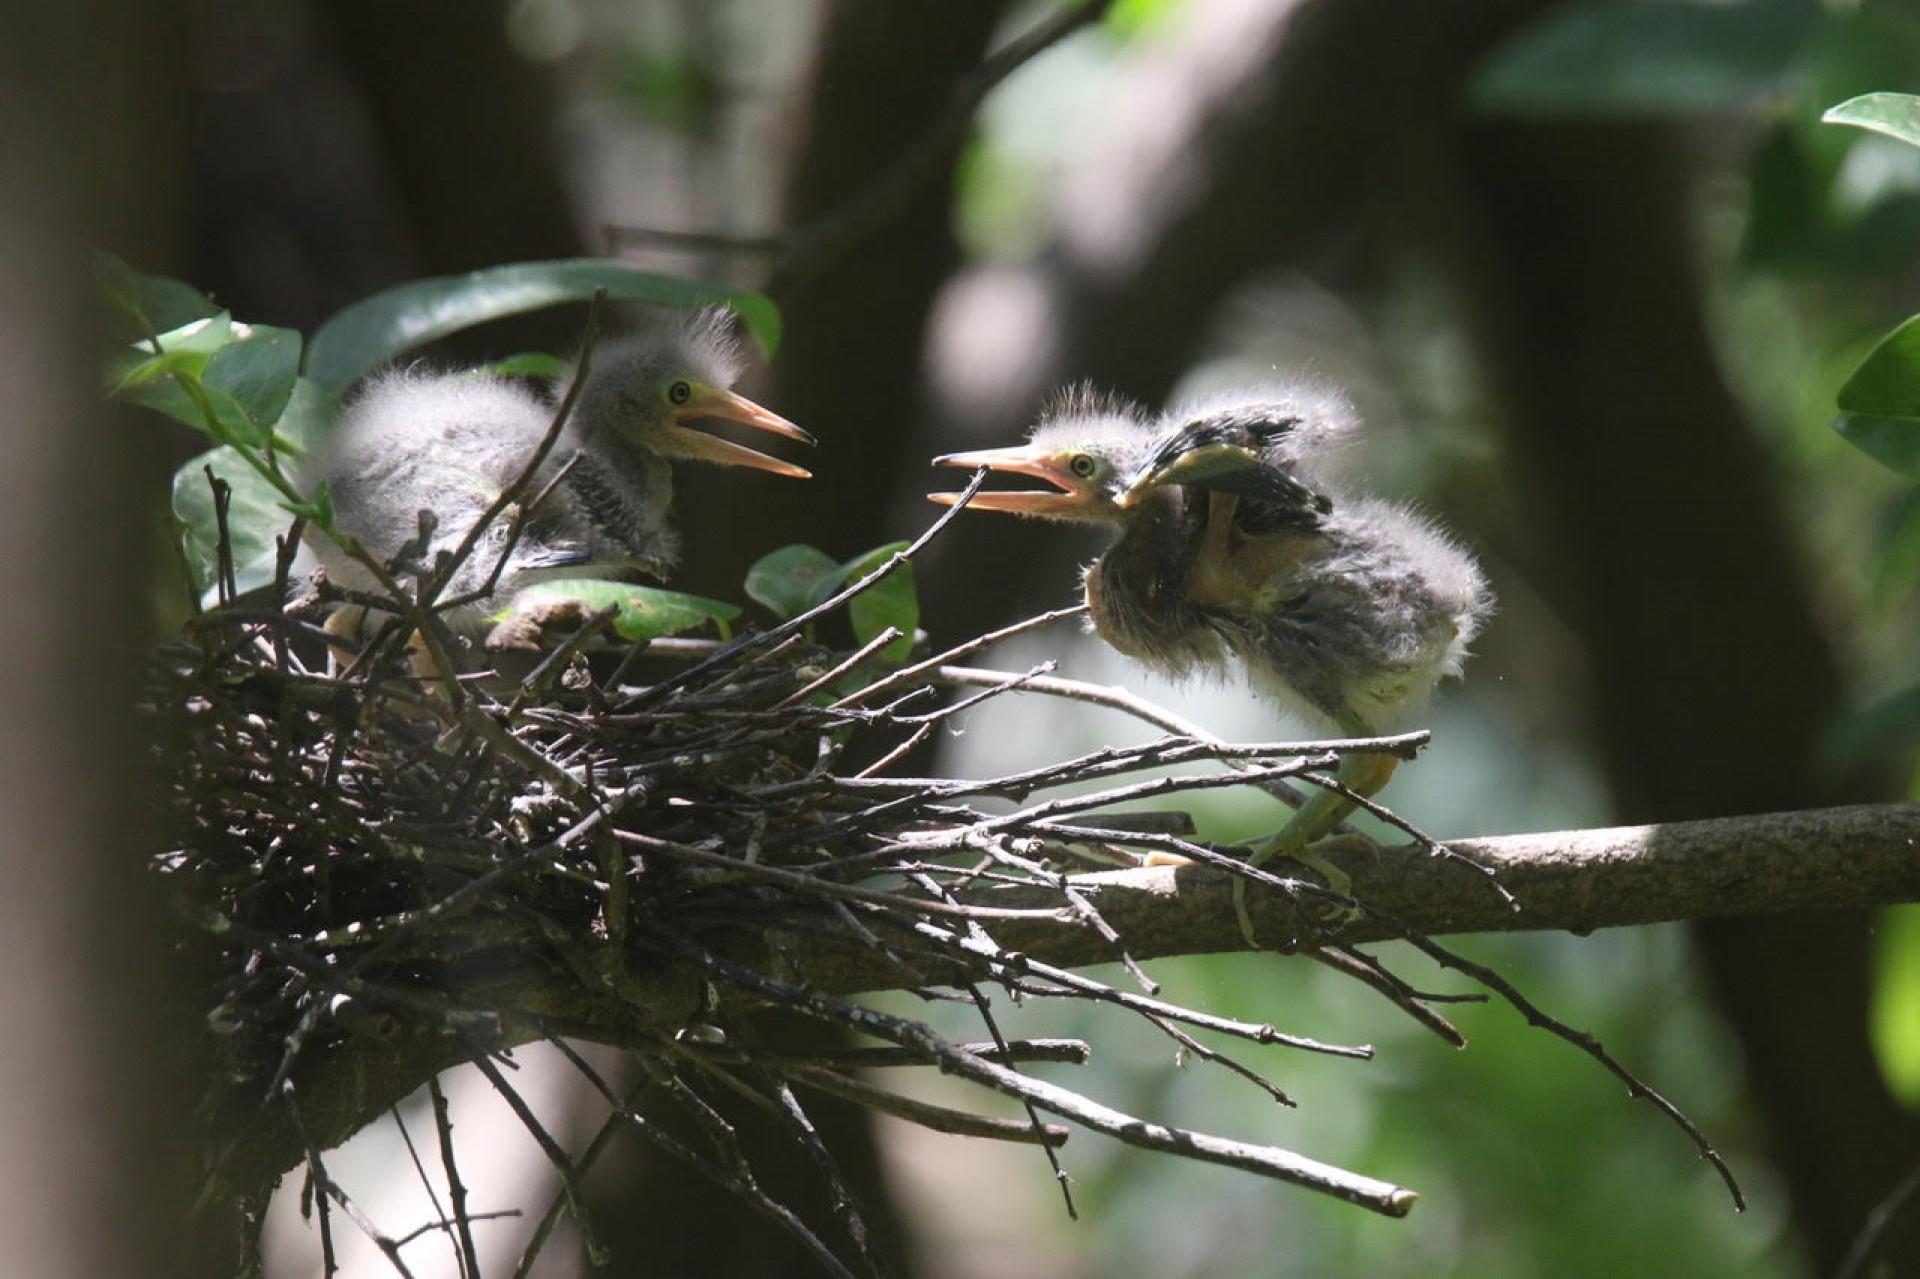 Delicadezas na natureza: filhotes de socozinho, no Parque Estadual do Cocó, em Fortaleza-Ceará (Foto: DEMITRI TÚLIO)